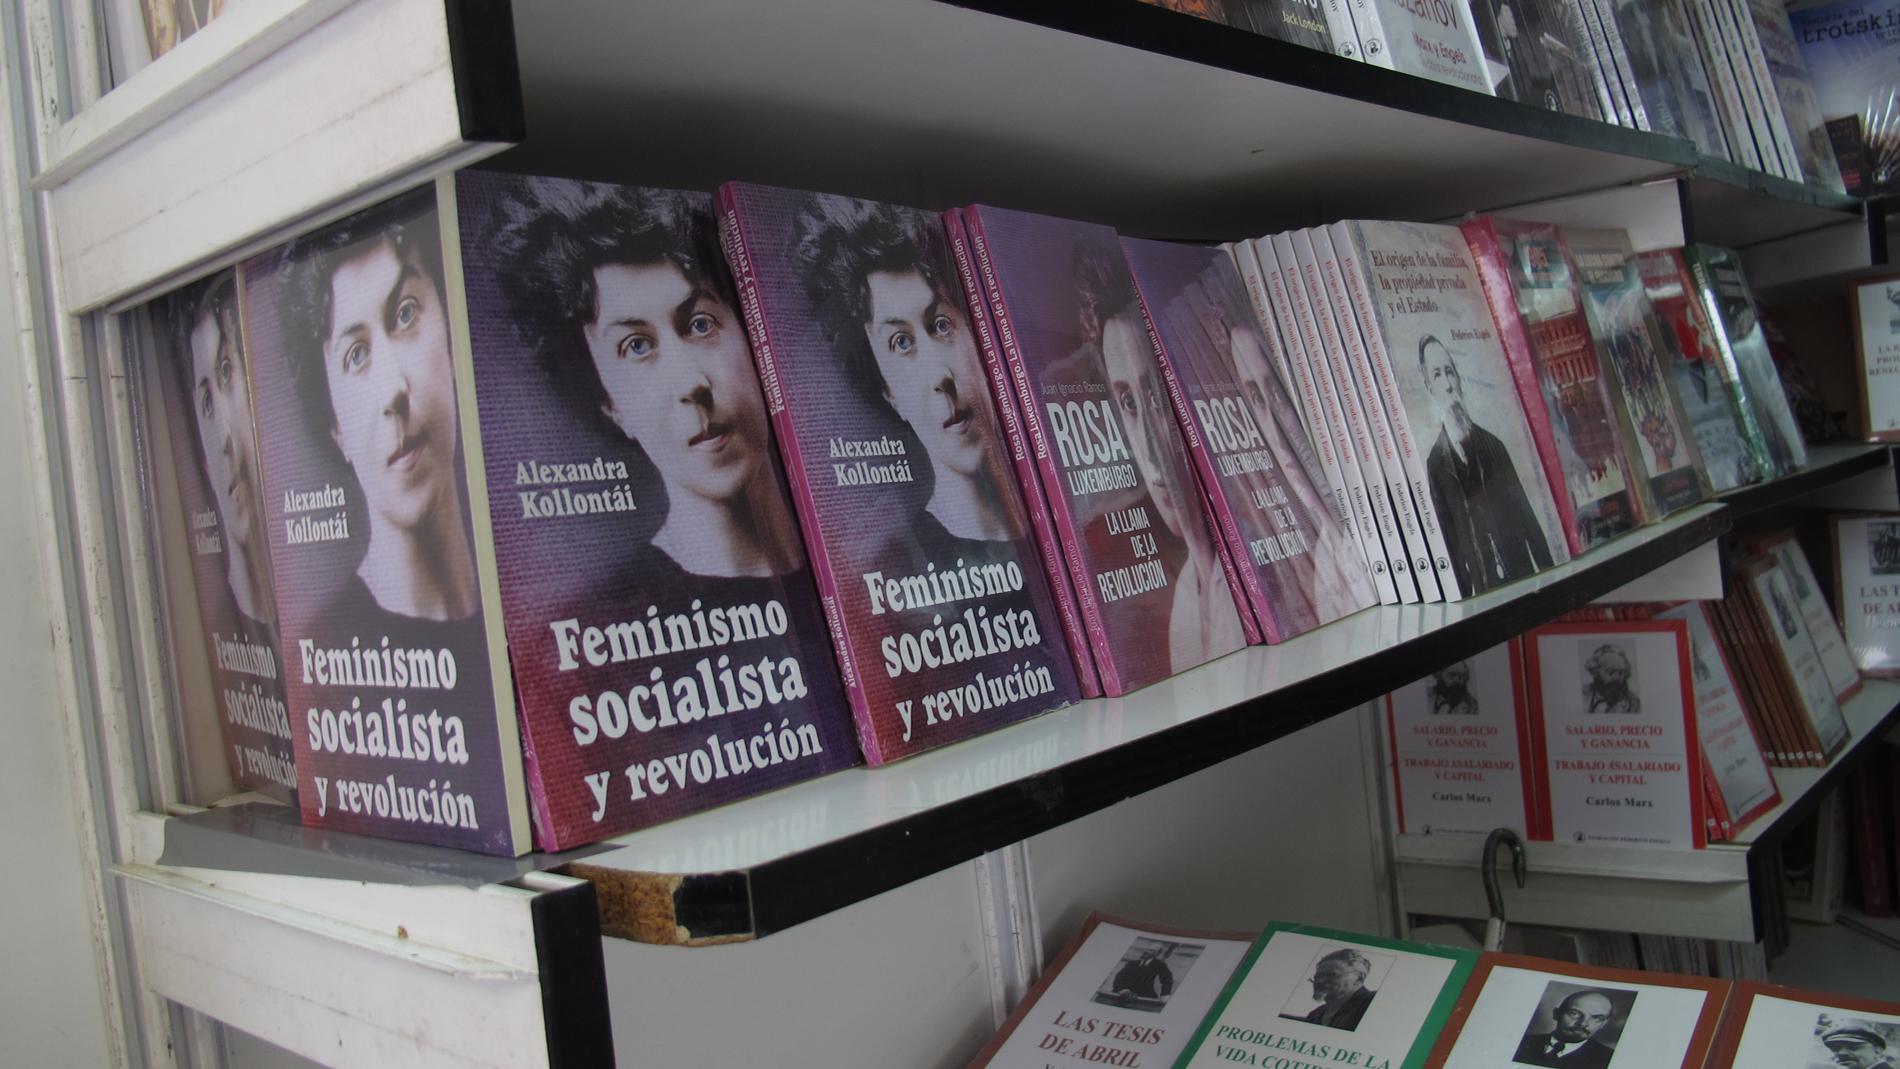 La Feria del Libro comienza y pretende reconocer la importancia de las mujeres en el sector